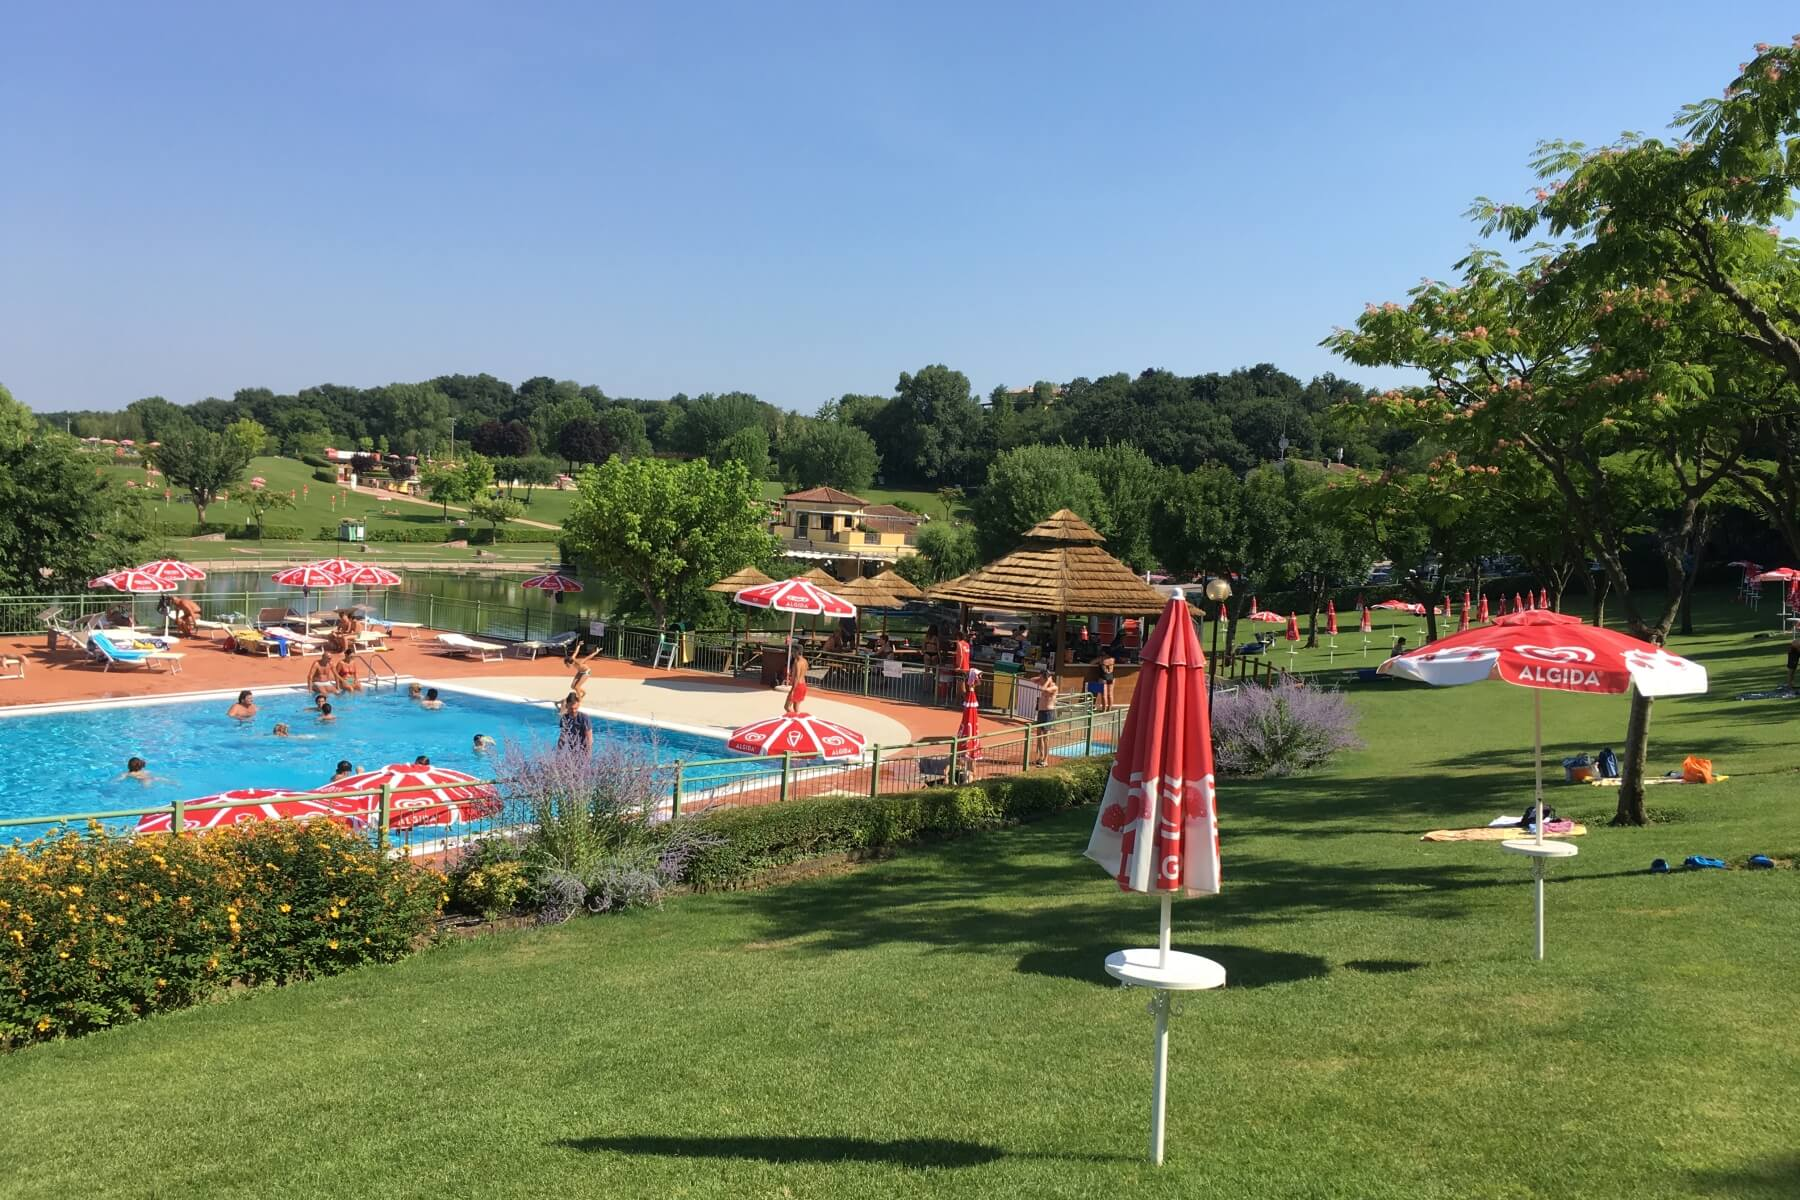 Waterpark La Quiete